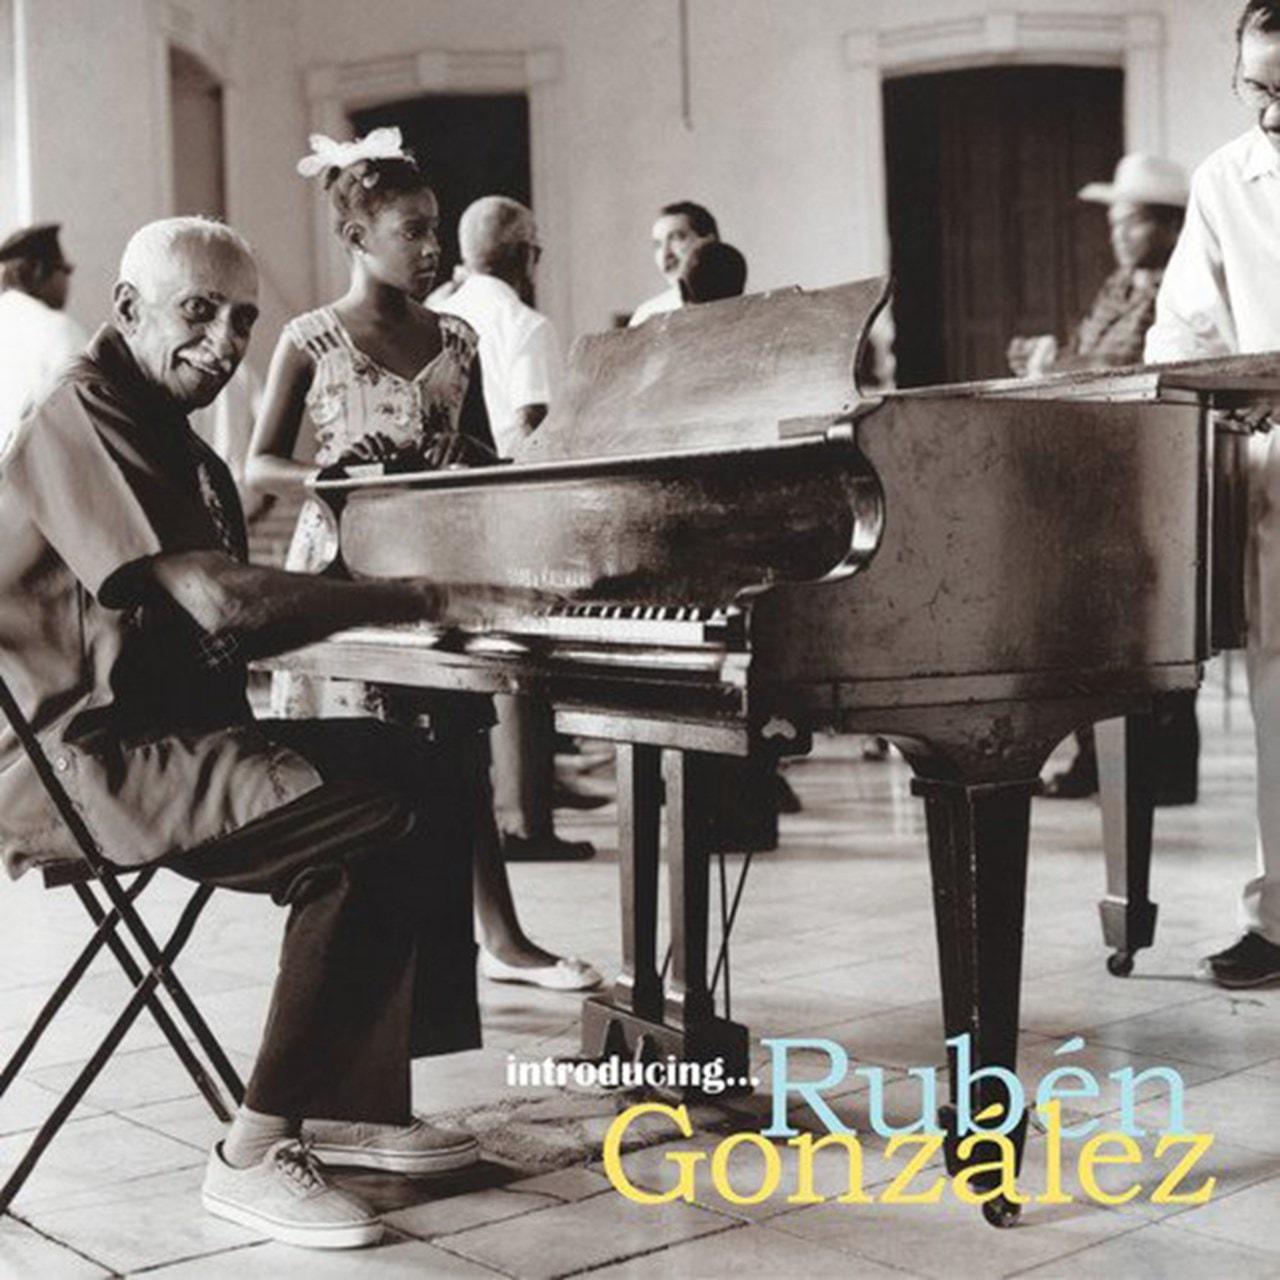 Introducing... Ruben Gonzalez - 1